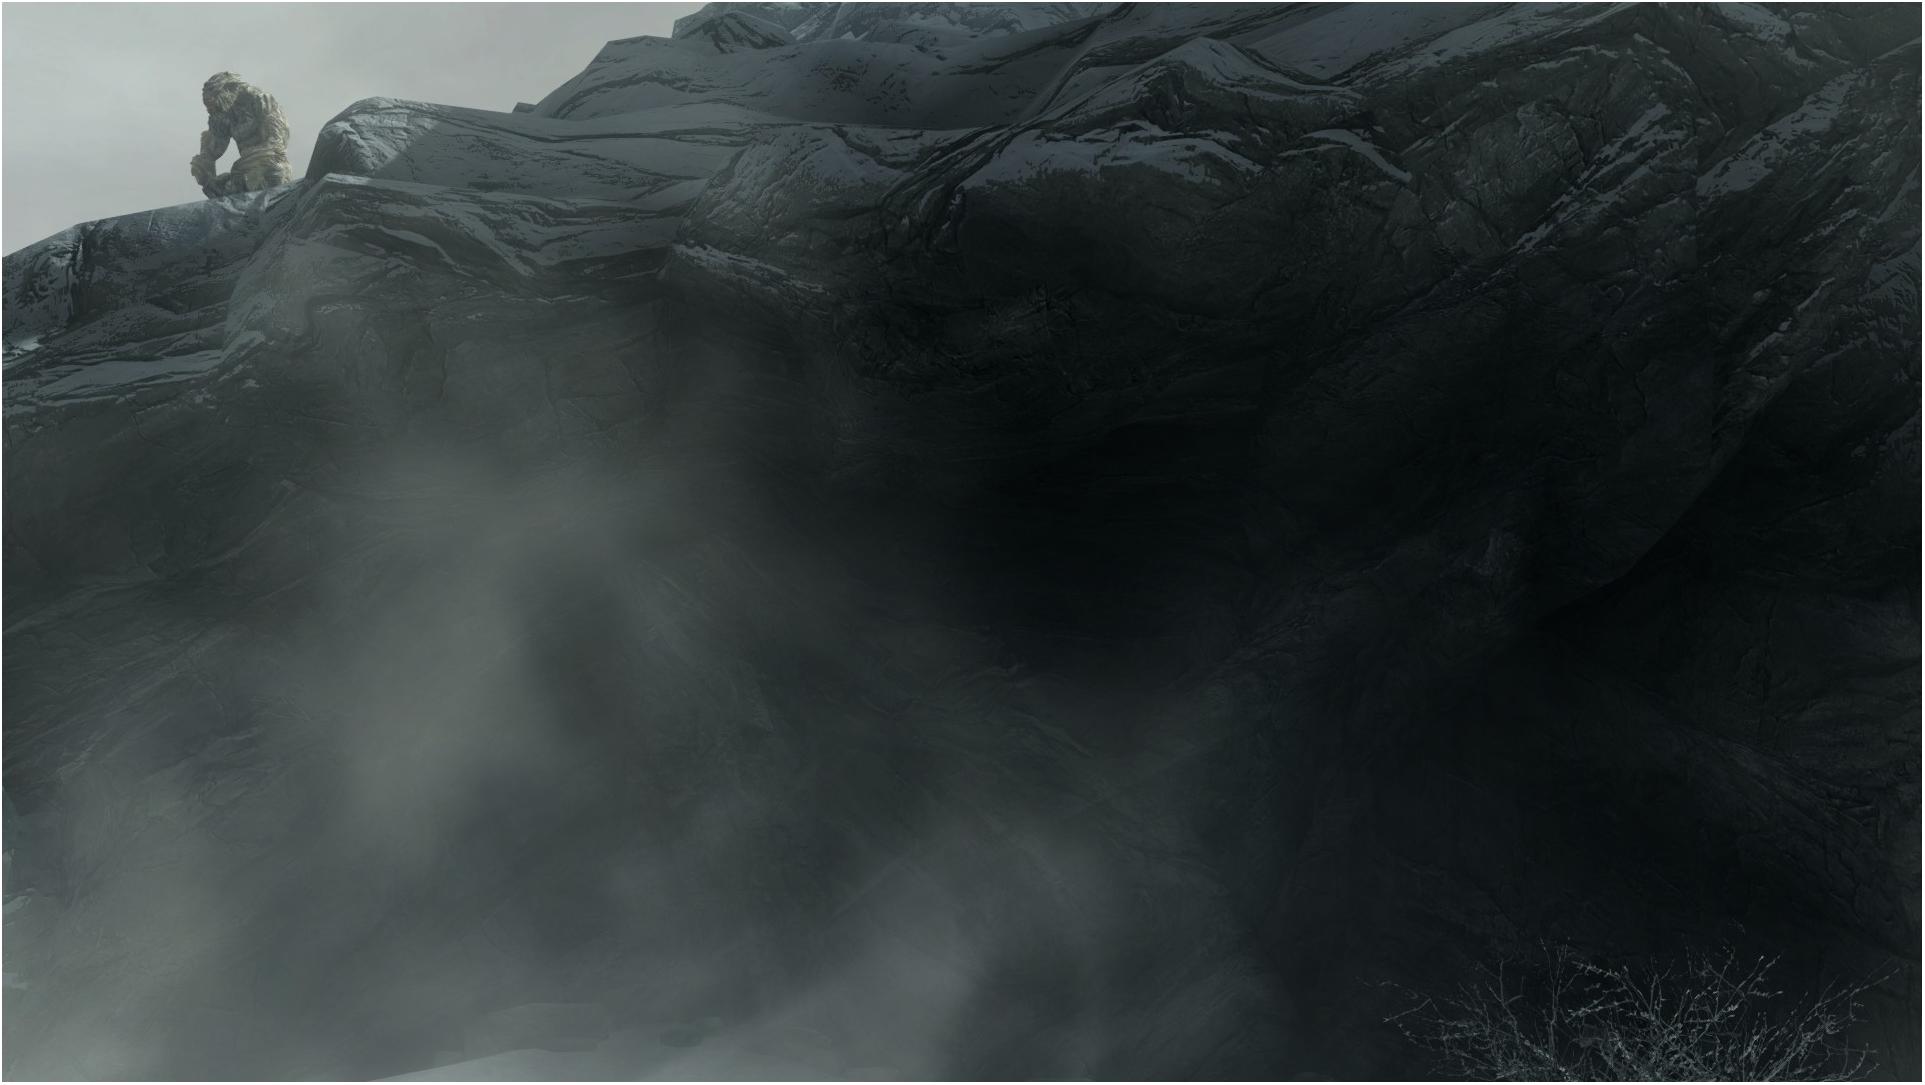 Elder Scrolls V Skyrim_0011_JTC.png